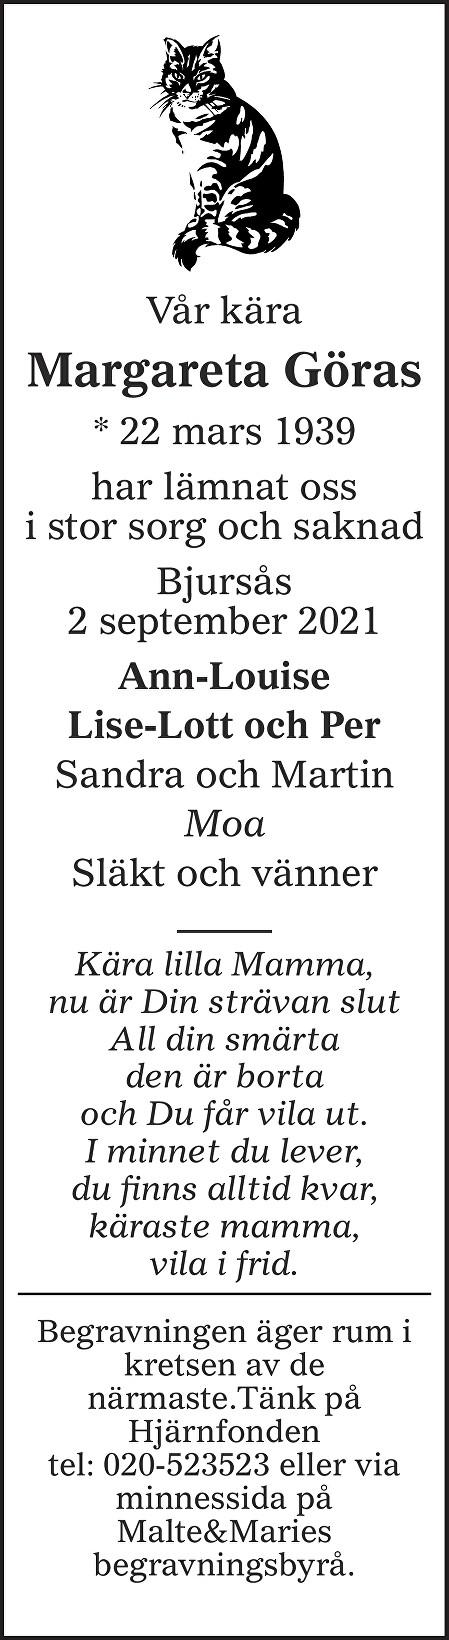 Margareta Göras Death notice